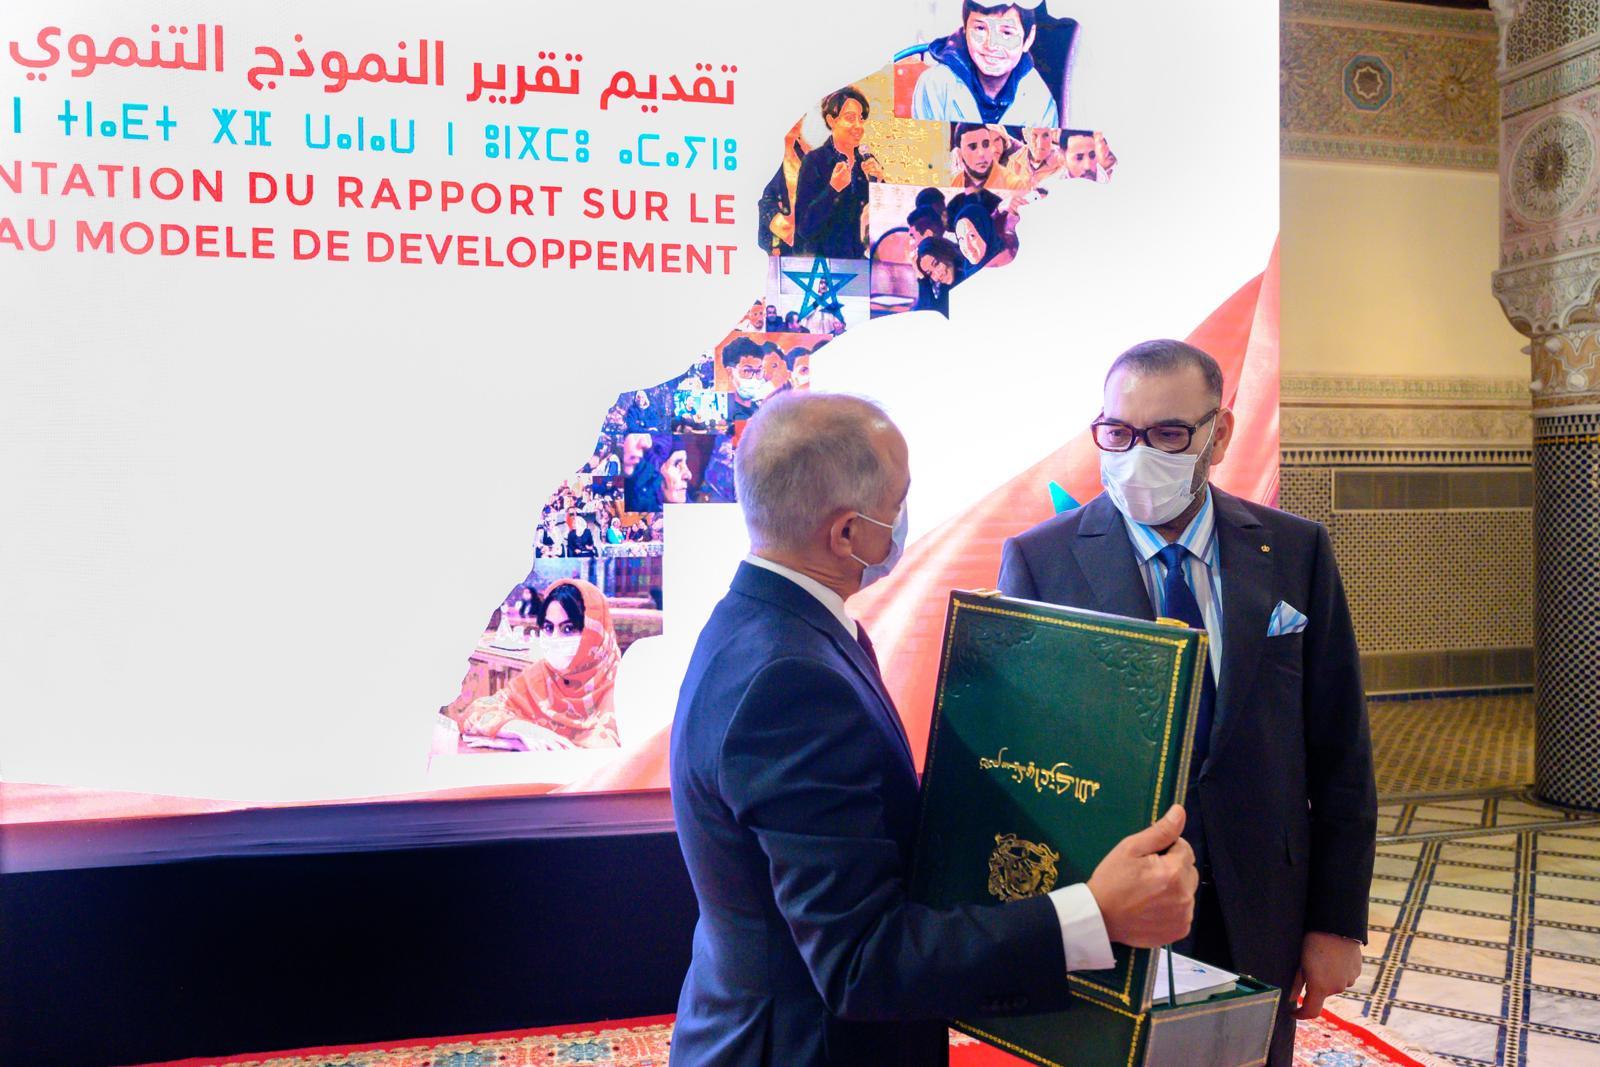 جلالة الملك محمد السادس يترأس بالقصر الملكي بفاس مراسيم التقرير العام الذي أعدته اللجنة الخاصة بالنموذج التنموي